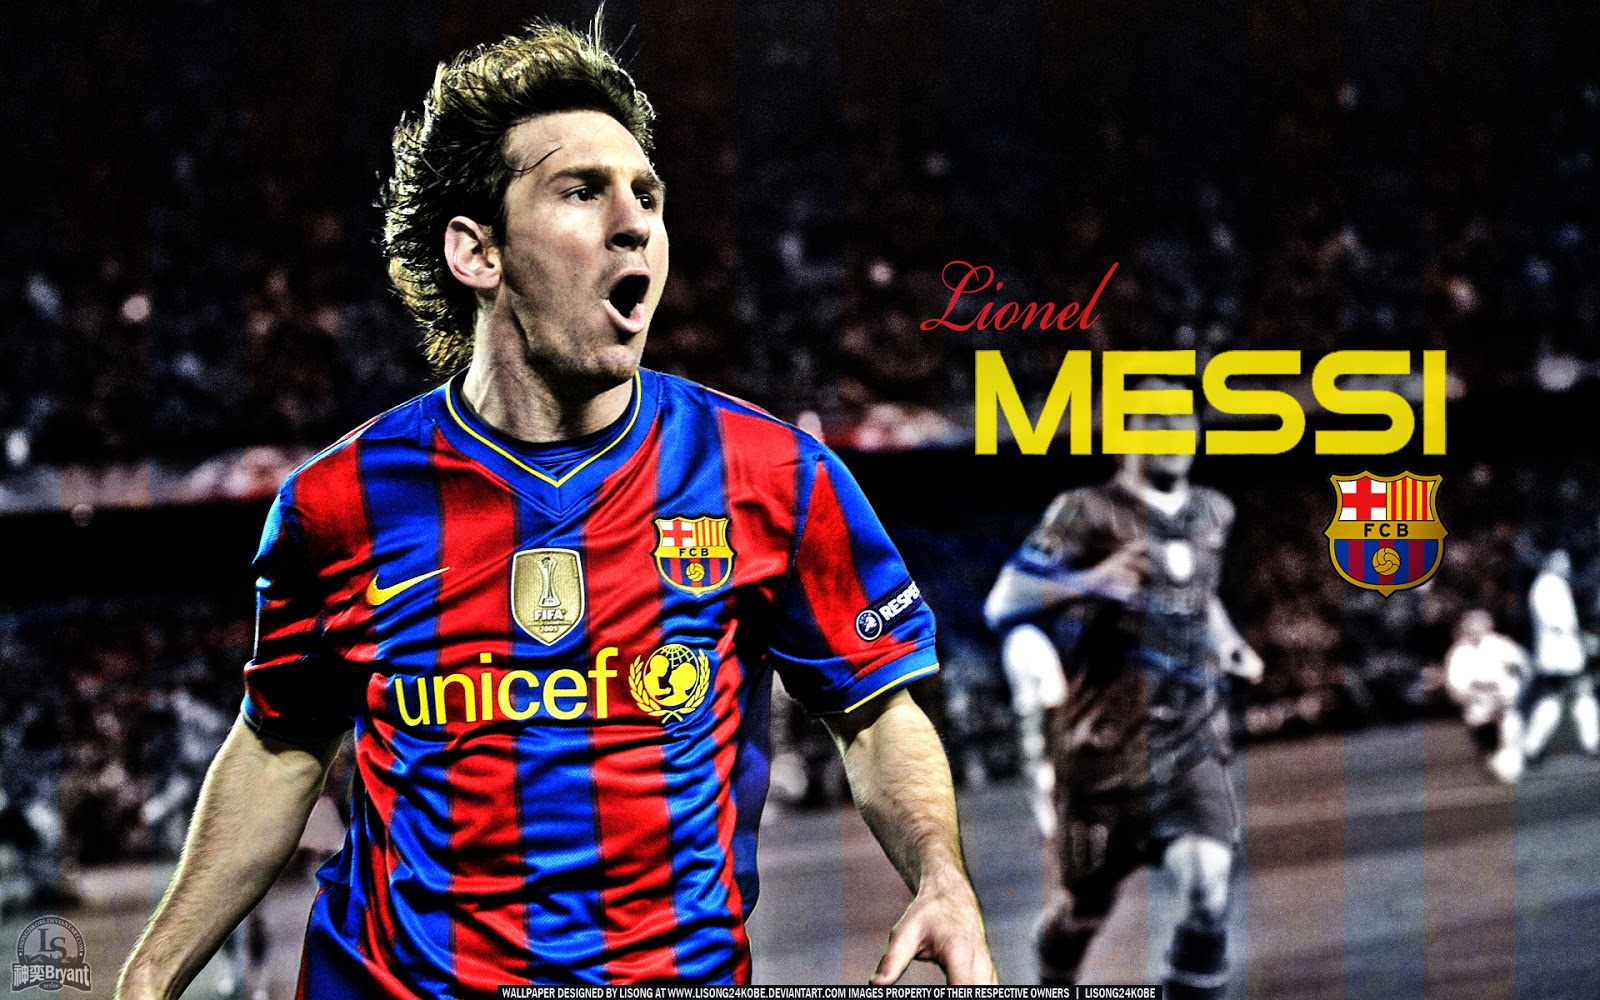 Kumpulan Wallpaper Atau DP BBM Lionel Messi Terbaru Khusus Android